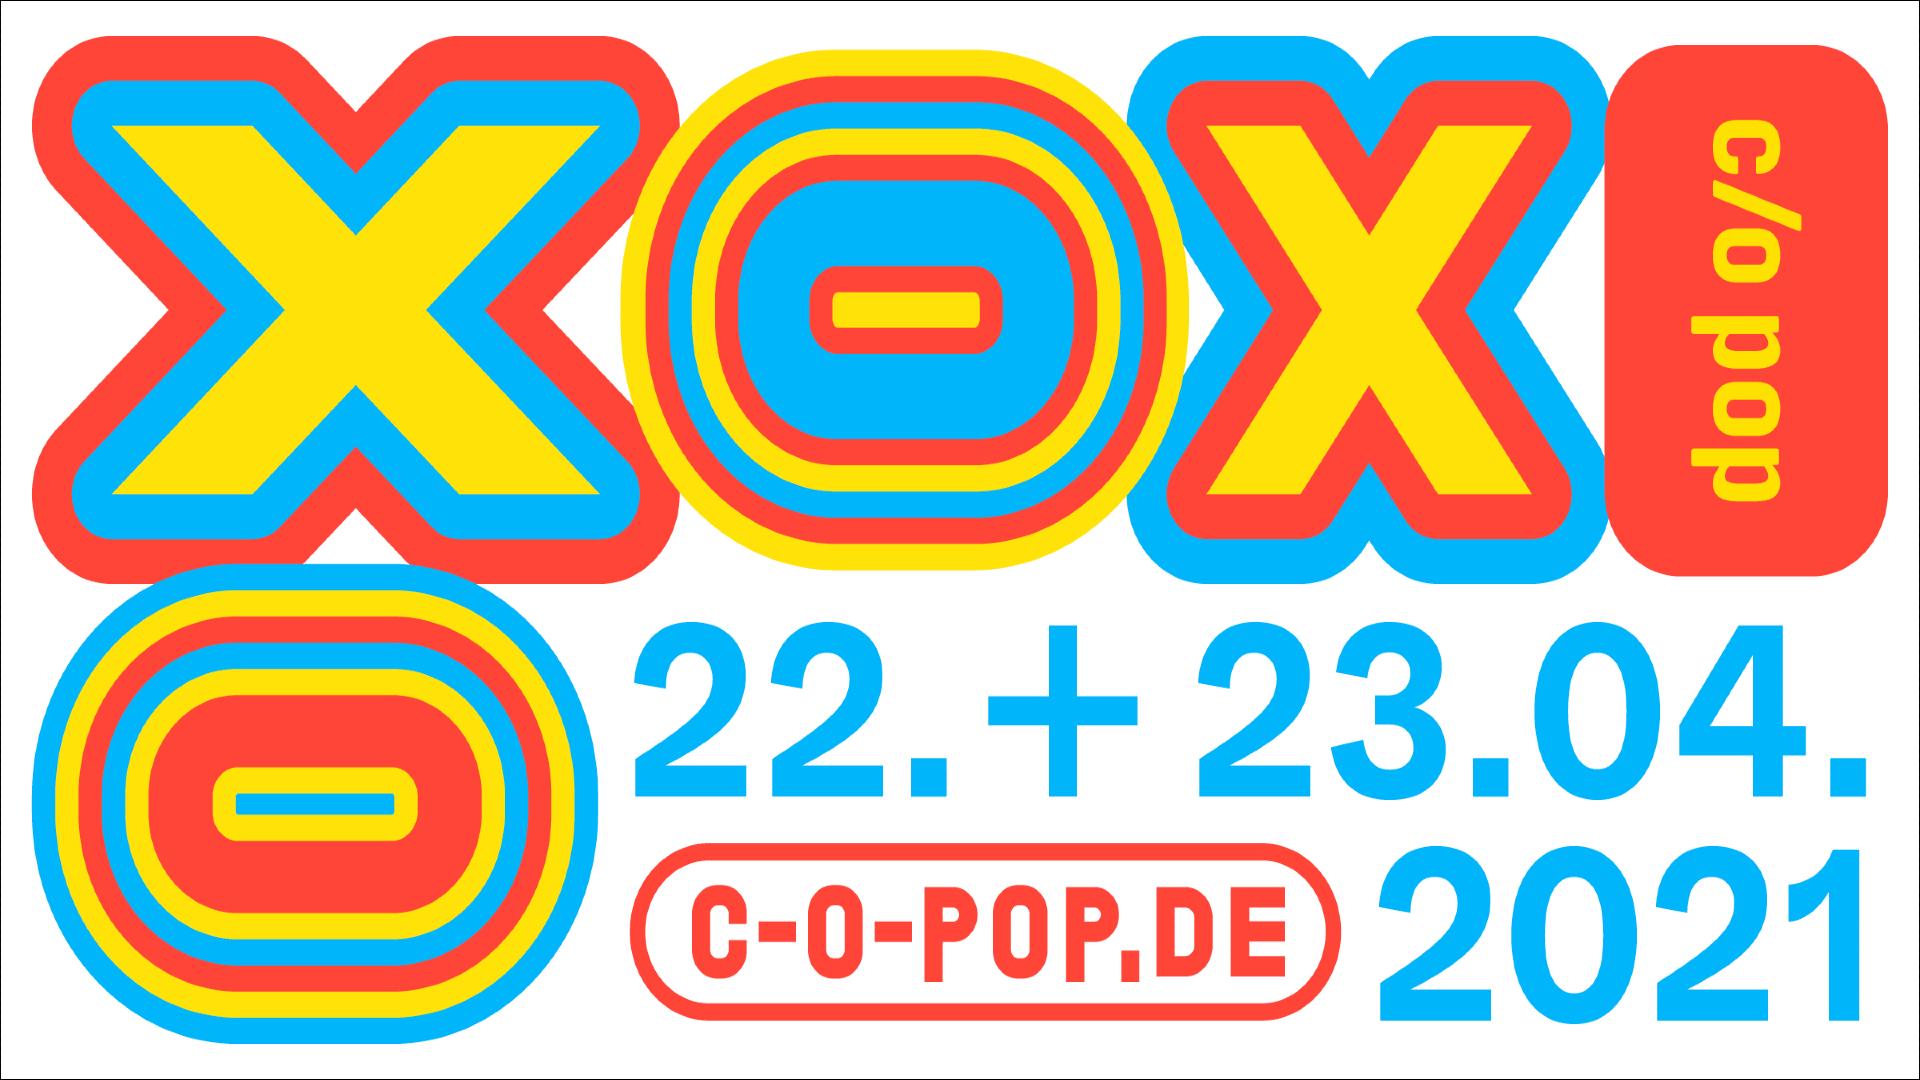 Die (digitale) Festivalsaison beginnt – das c/o pop xoxo als kostenloser Stream